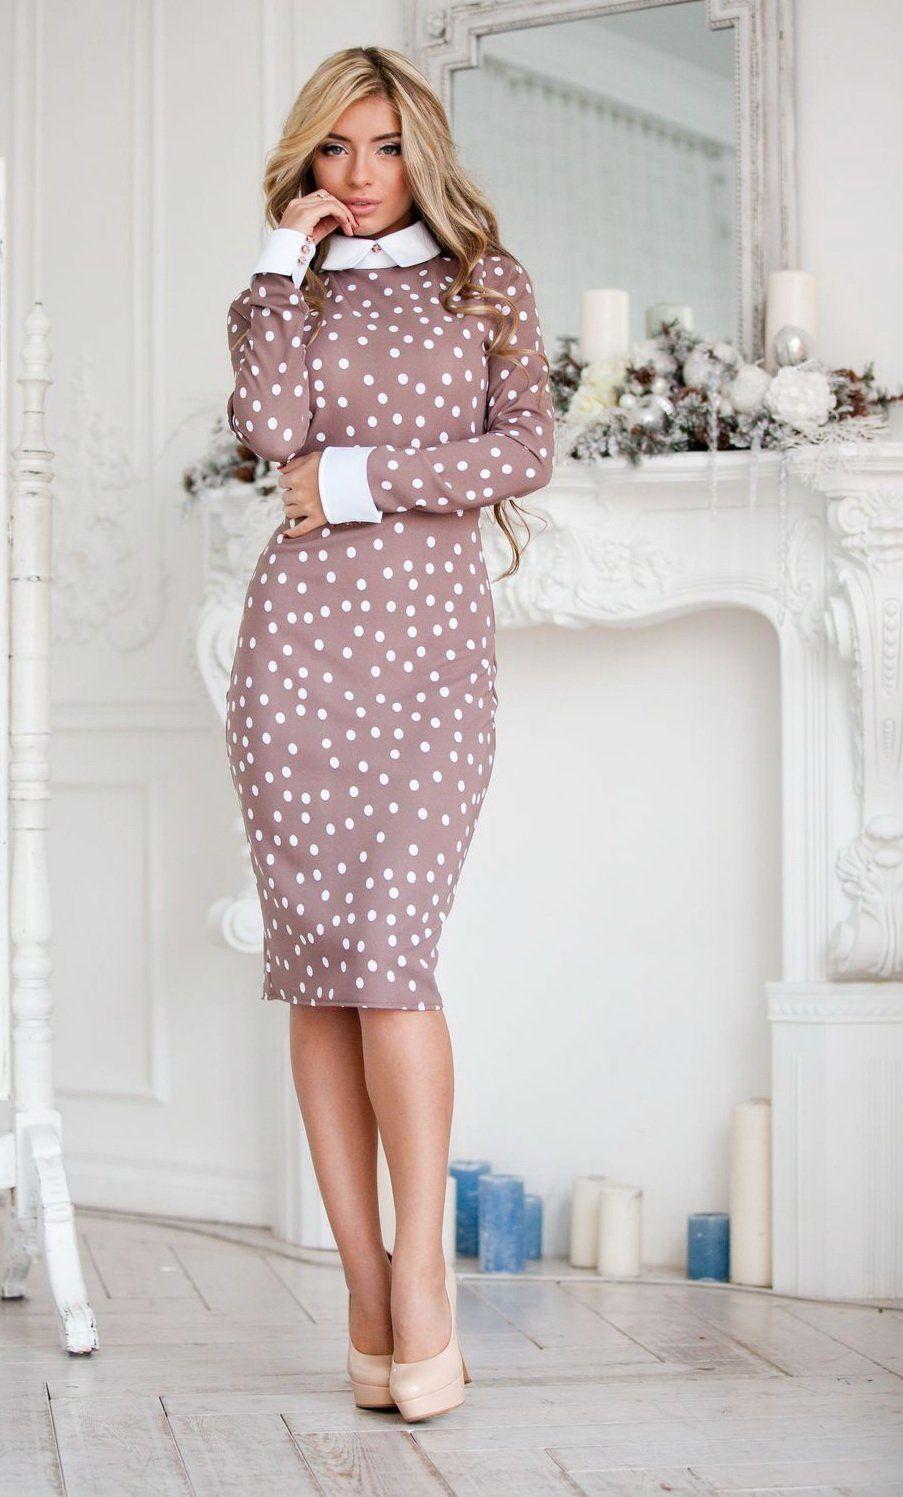 Красивые и элегантные платья футляр 2018-2019 года: лучшие образы